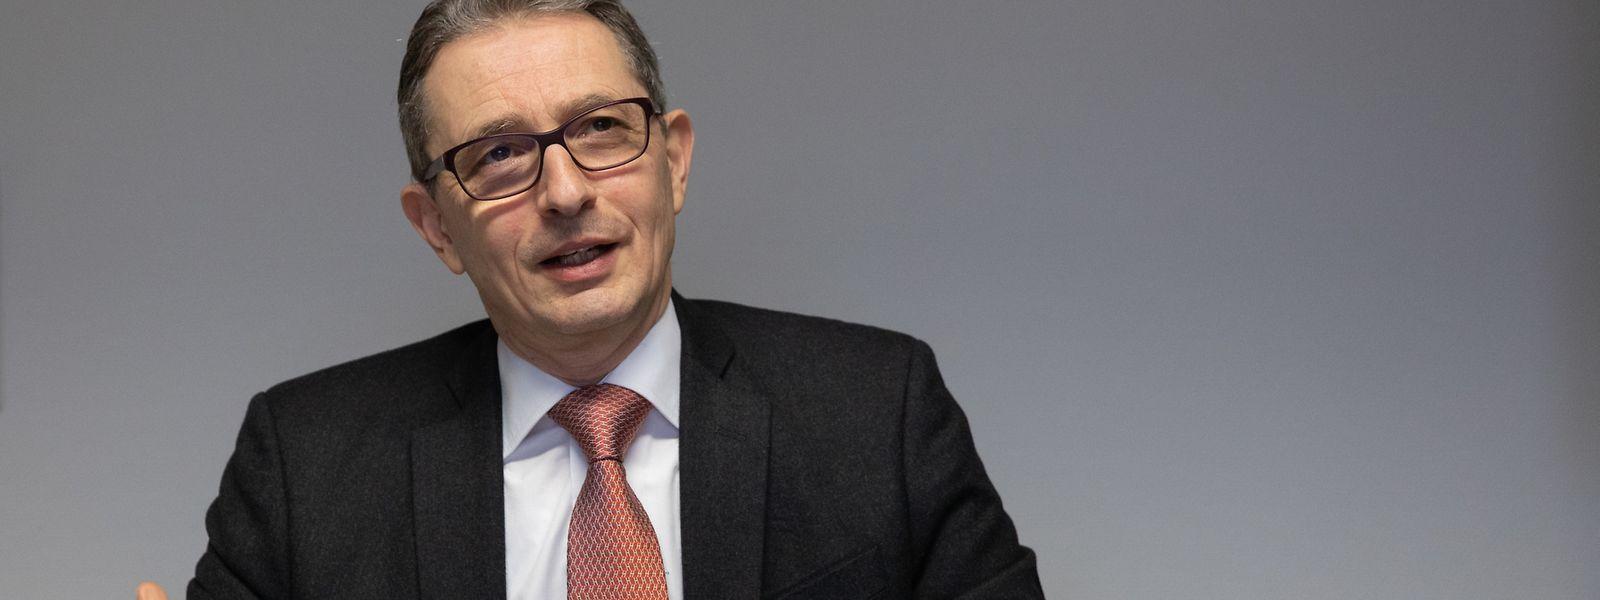 François Moyse ist Vorsitzender der Fondation luxembourgeoise pour la mémoire de la Shoah.